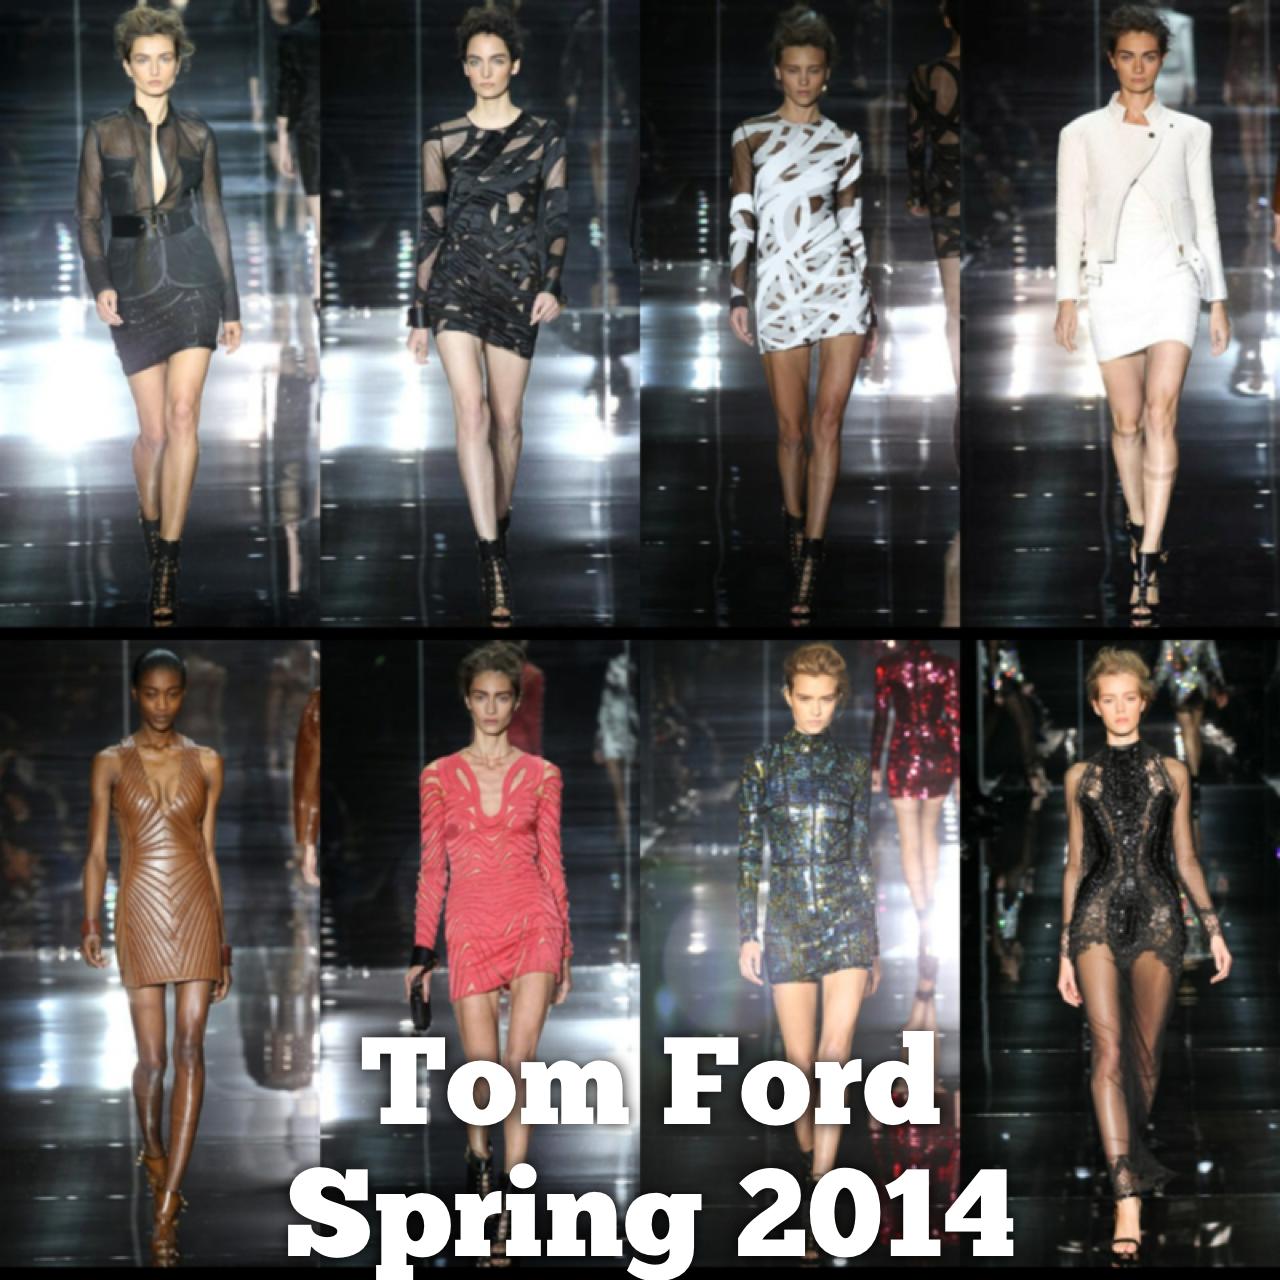 Sprig 2014 Tom Ford